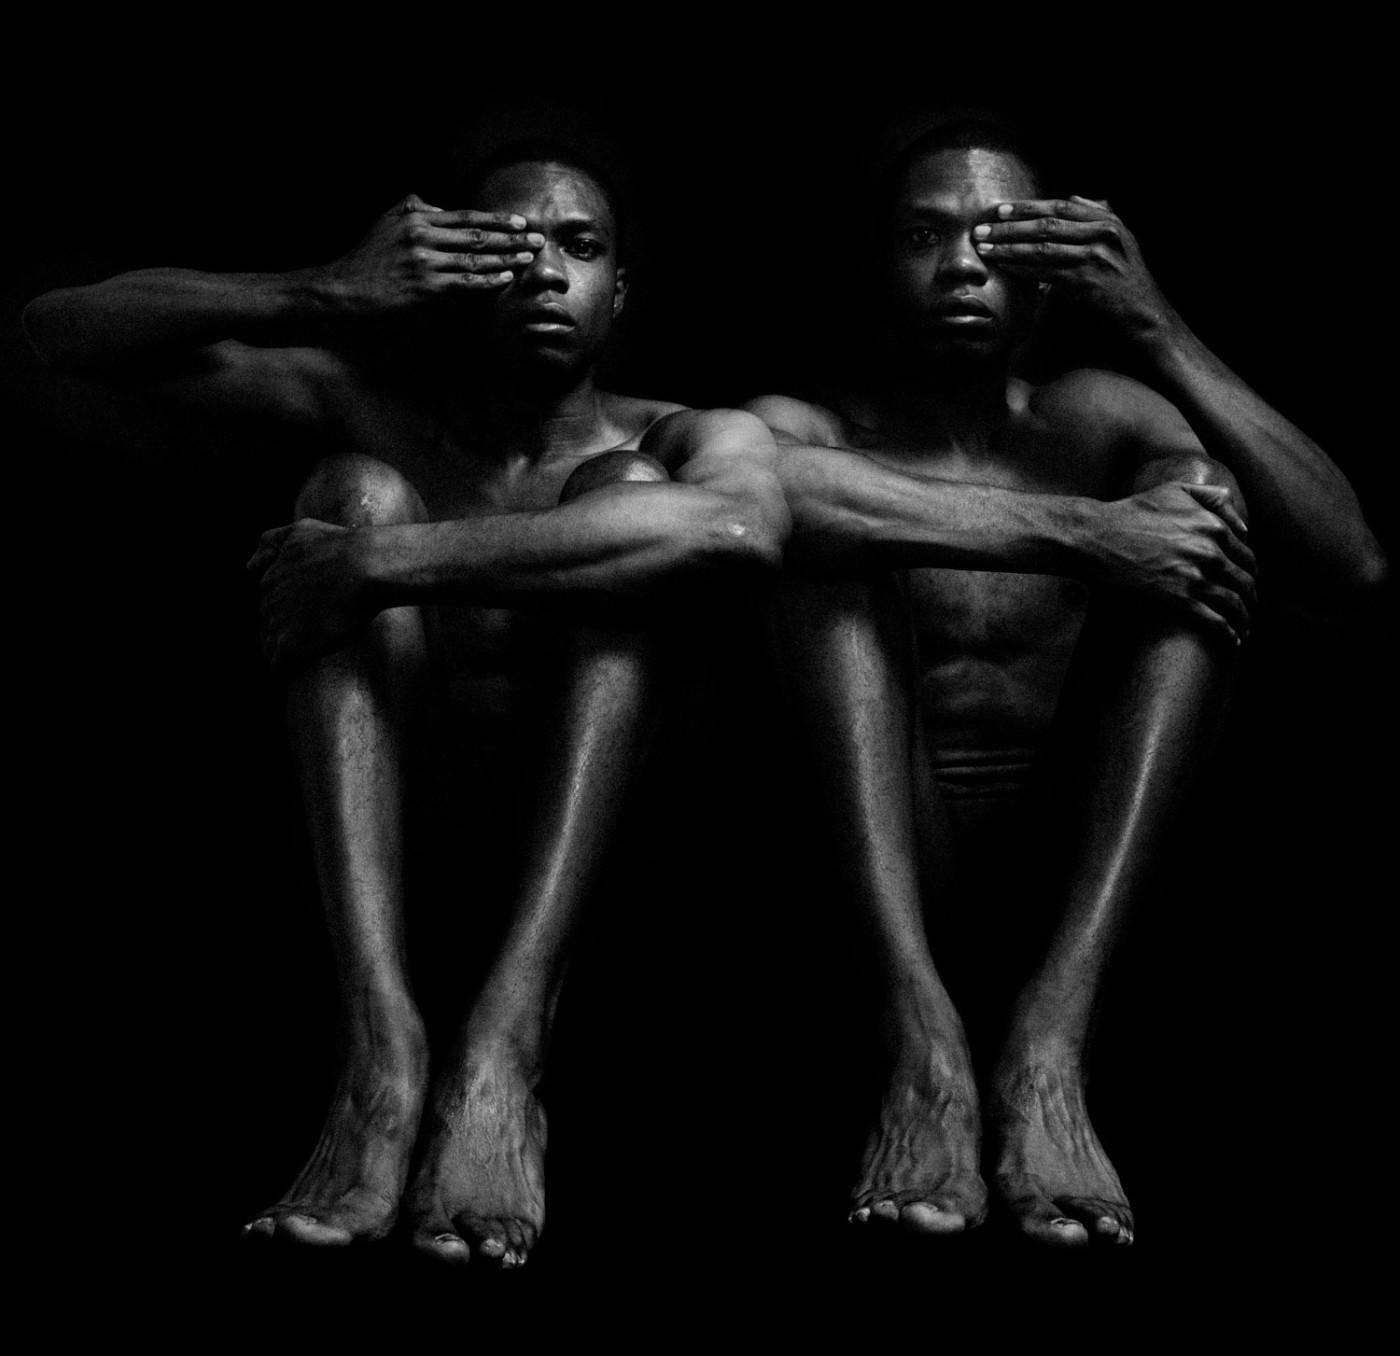 Rotimi Fani-Kayode, Half Opened Eyes Twins, 1989, Gelatin silver print, 25.1 x 25.2 cm, 9 7/8 x 9 15/16 in, Framed: 44.8 x 42.2 cm, 17 5/8 x 16 5/8 in